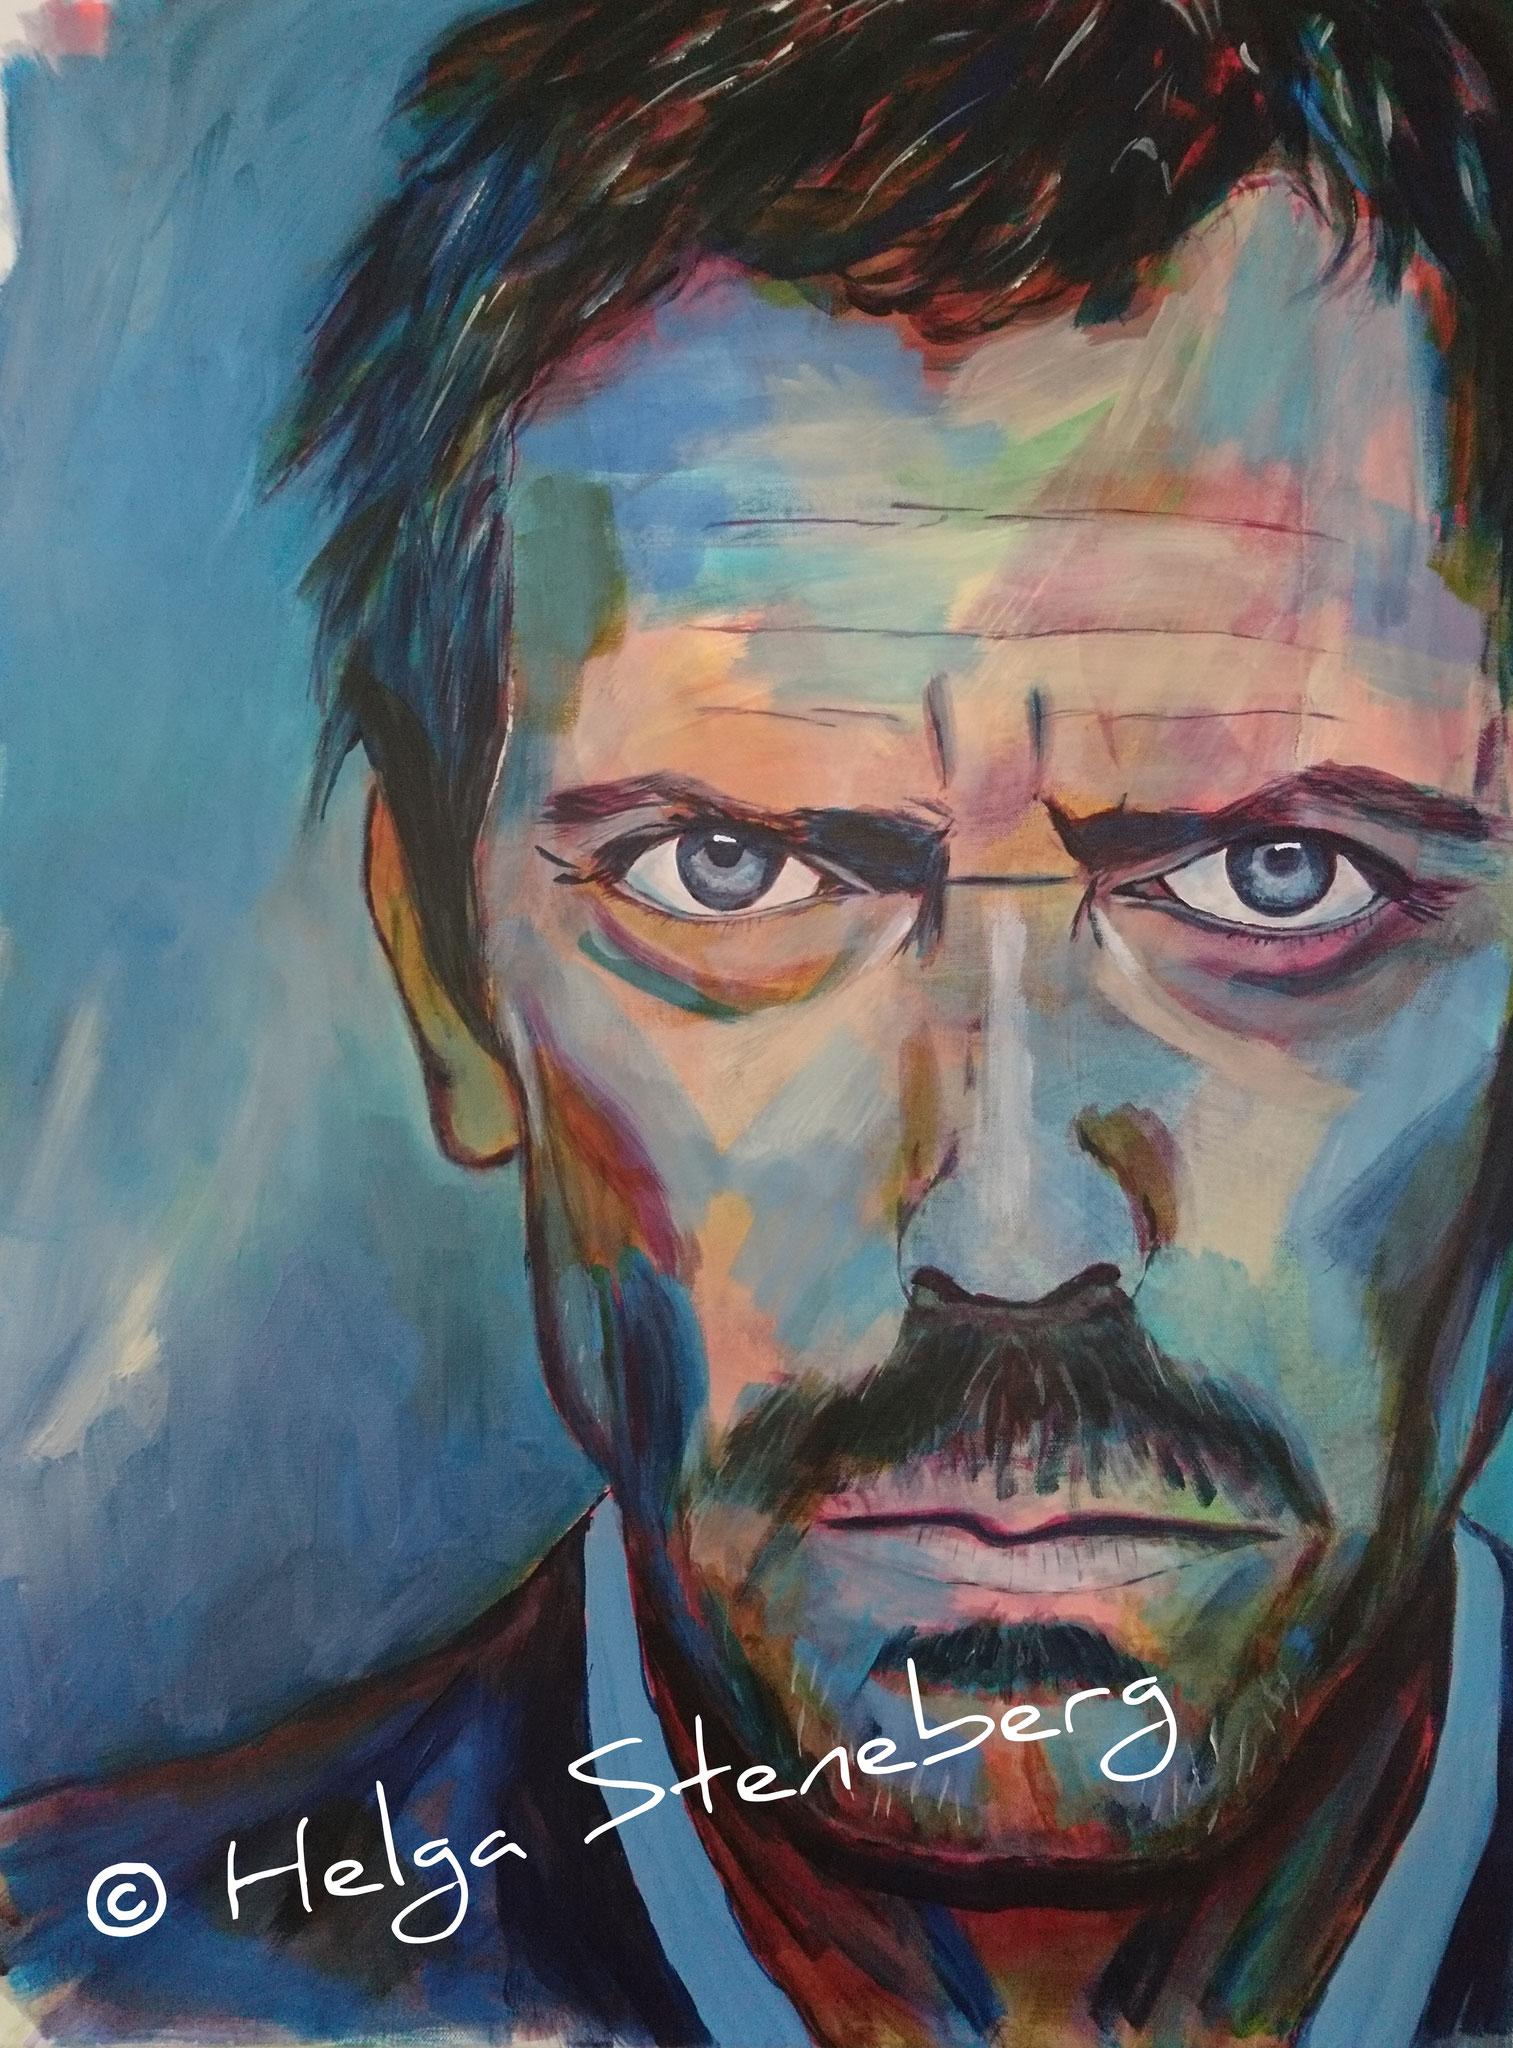 Hugh Laurie als Dr. House, 80x60, LW